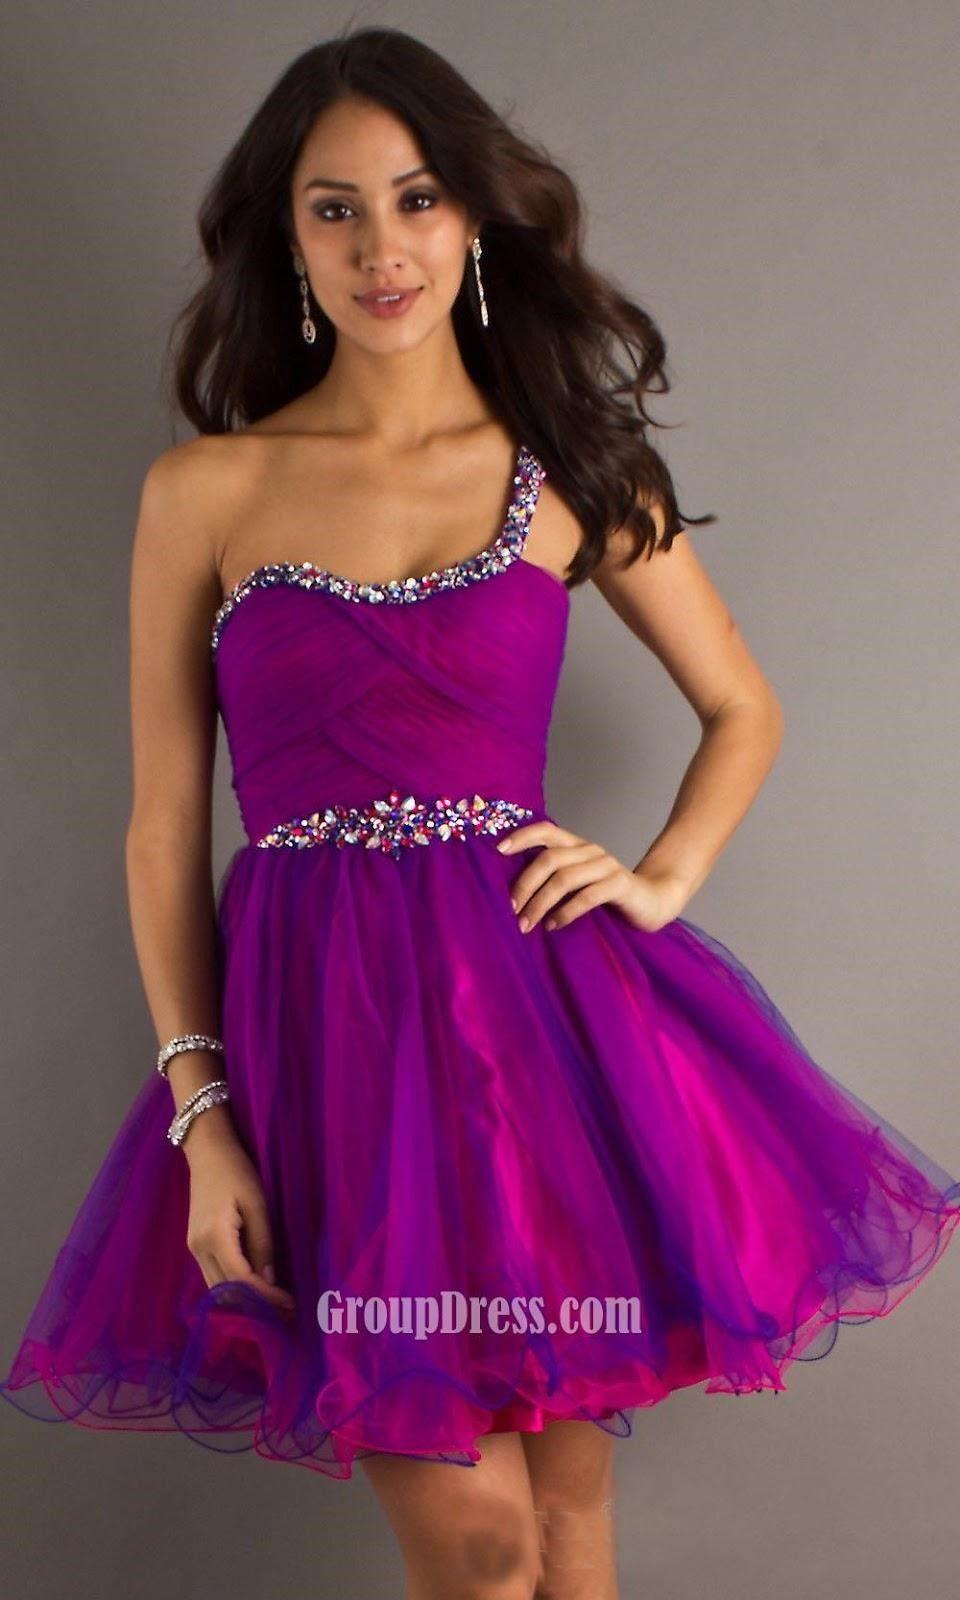 Si estás buscando diferentes estilos de vestidos de quince lee